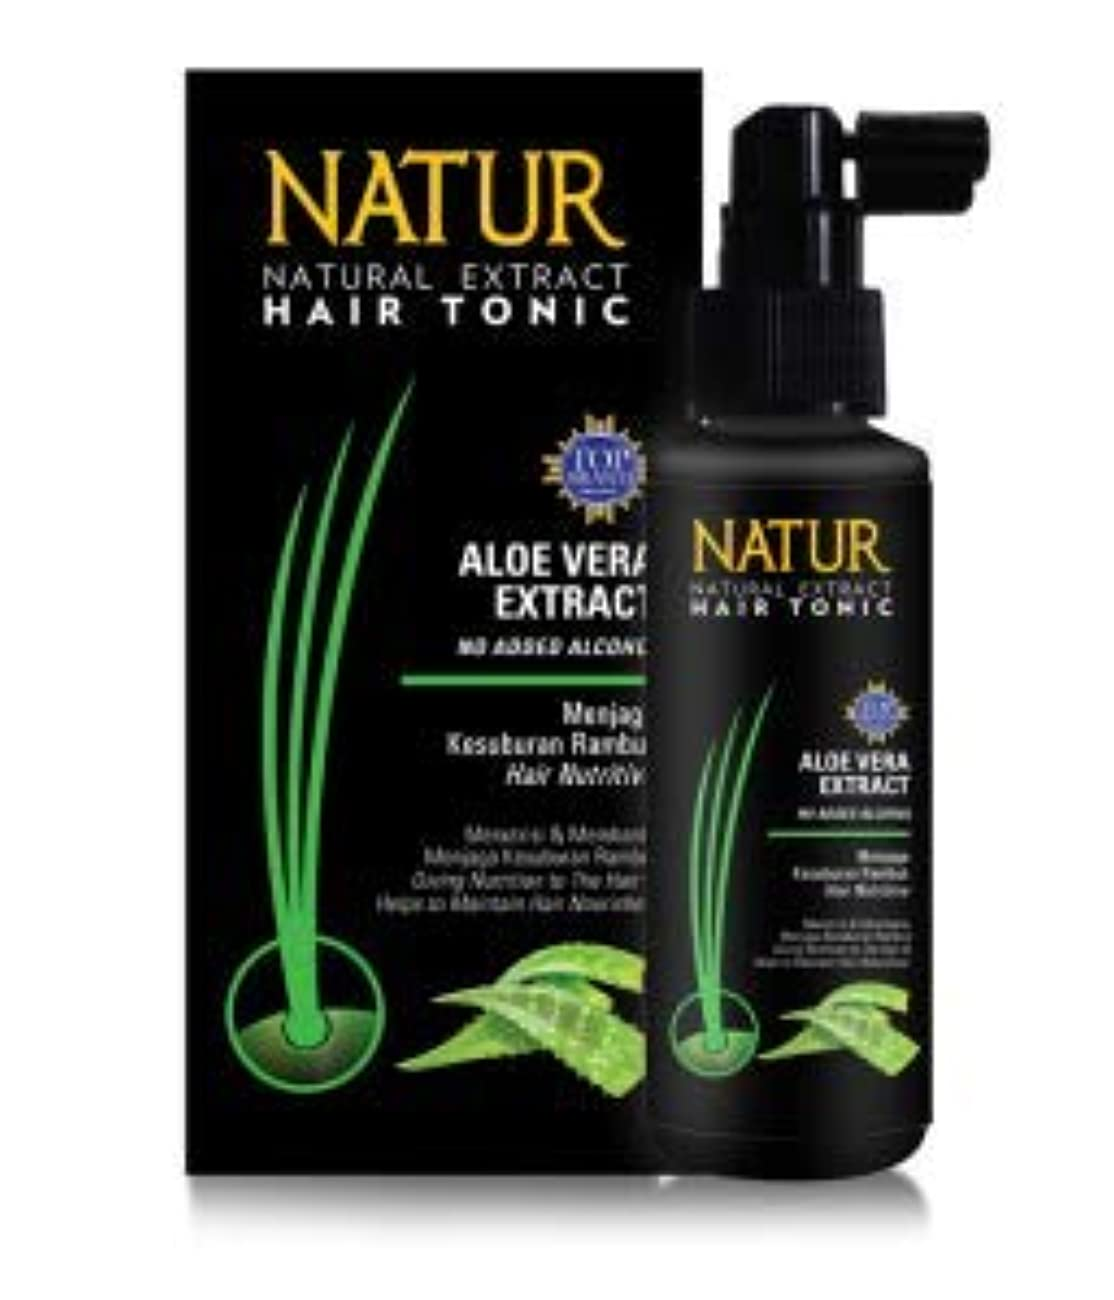 バイオリン克服する単にNATUR ナトゥール 天然植物エキス配合 Hair Tonic ハーバルヘアトニック 90ml Aloe vera アロエベラ [海外直商品]